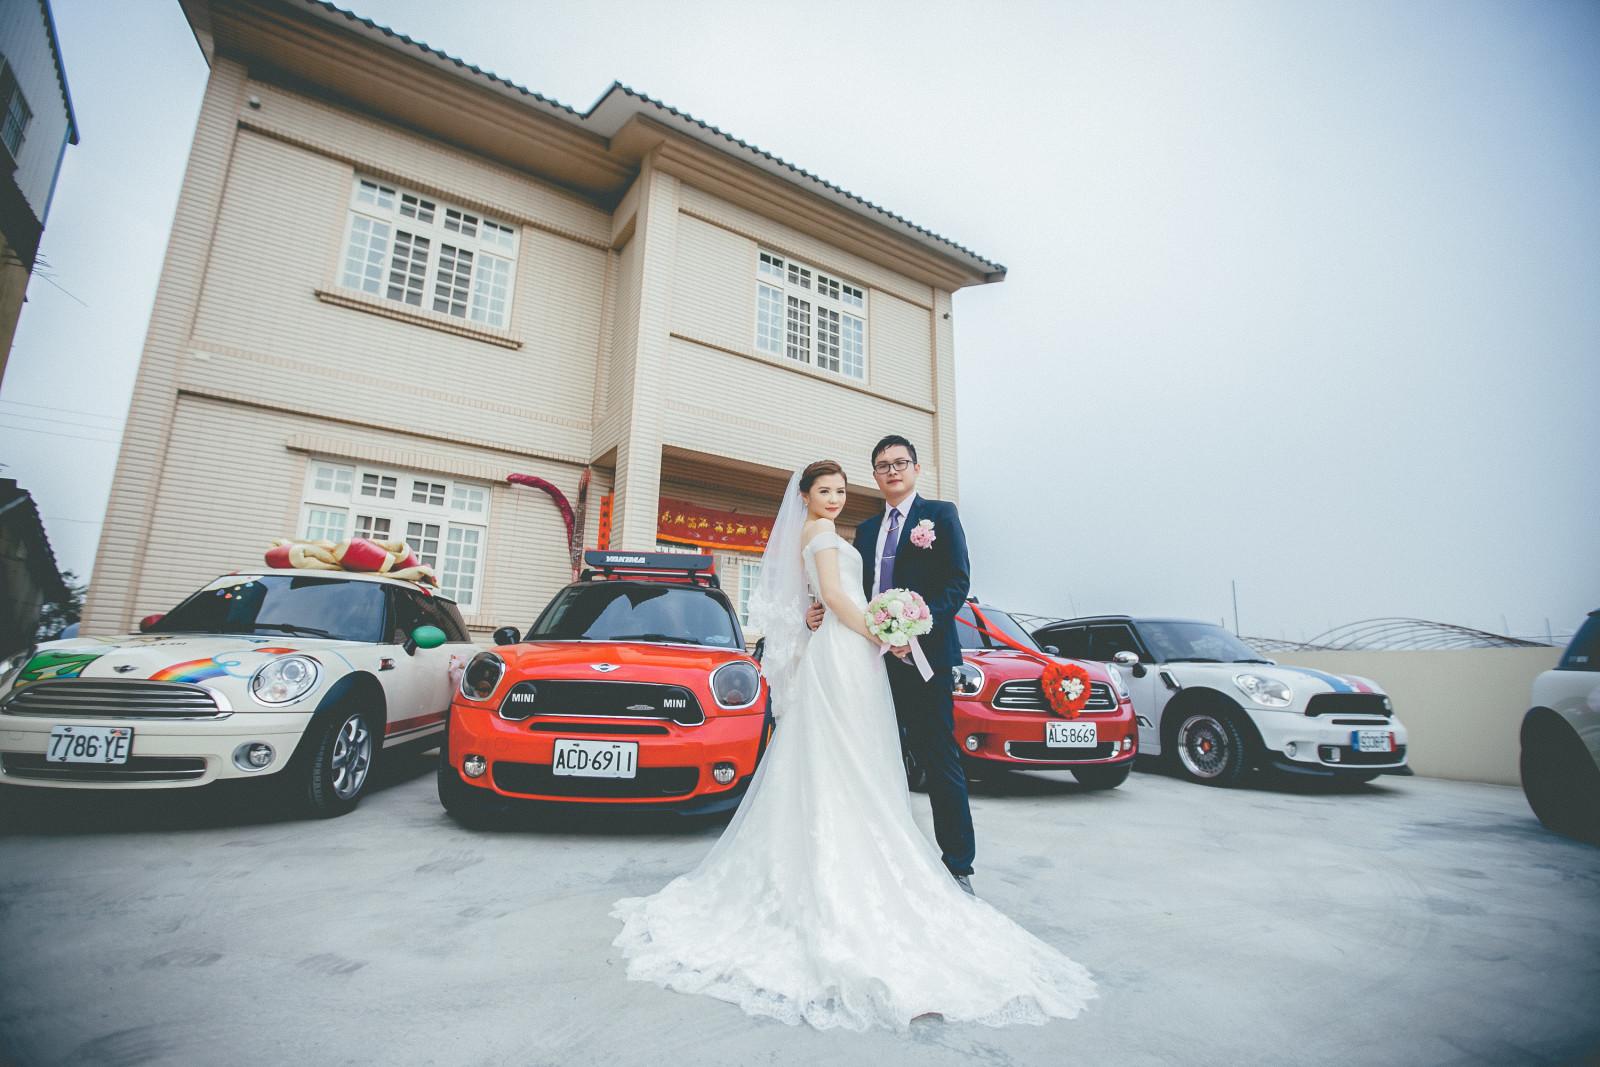 葉子婚攝團隊,婚攝阿德,婚禮紀錄,婚攝,台中婚攝,臺北婚攝推薦,新娘秘書,新娘造型,整體造型,彩妝